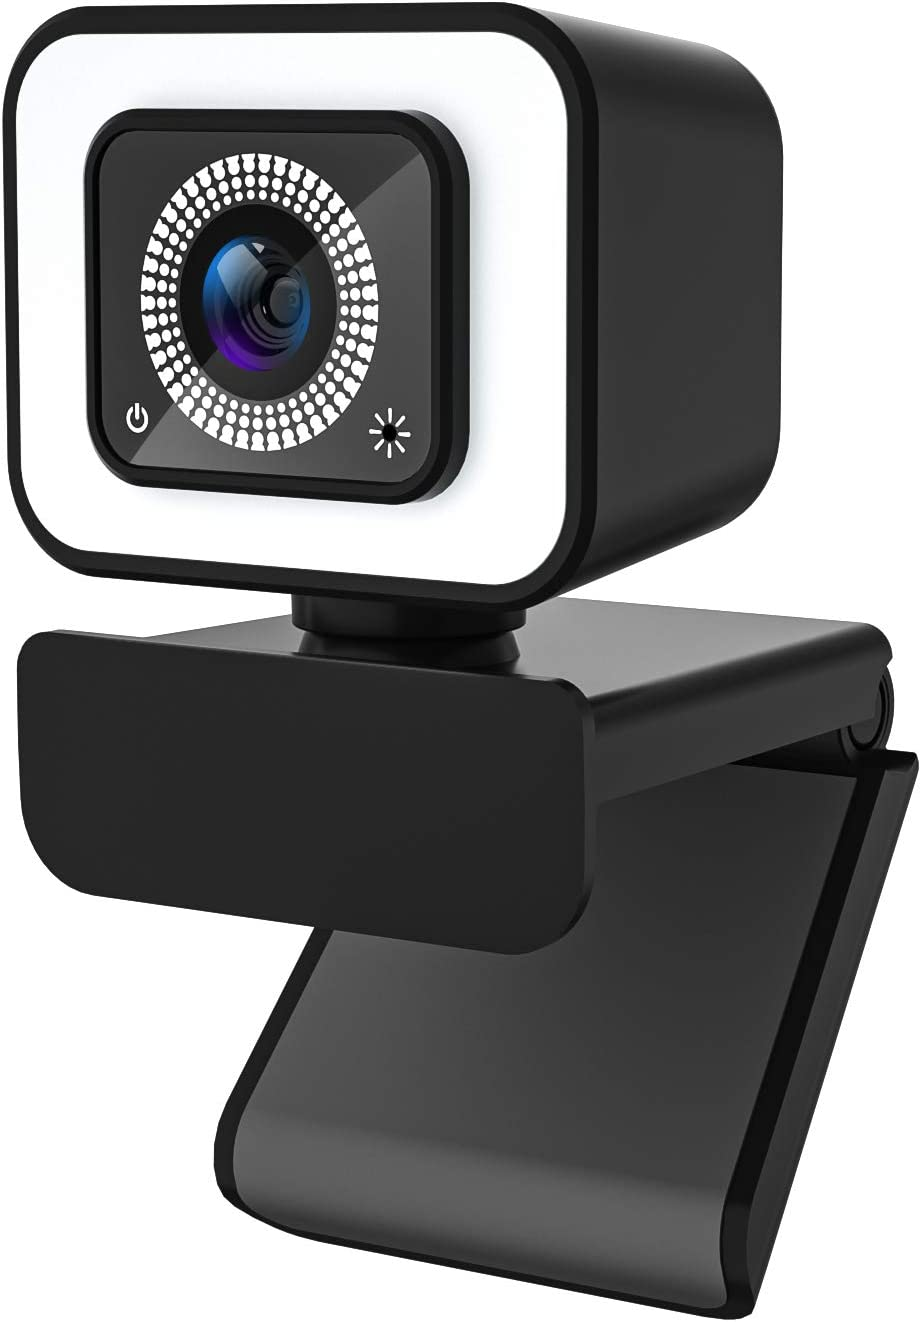 Spardar 2K 30 FPS Cámara Web en Vivo Full HD Enfoque automático de con luz anular, para videoconferencias/Juegos/Zoom/lecciones en línea, Compatible con Windows, Mac y Android